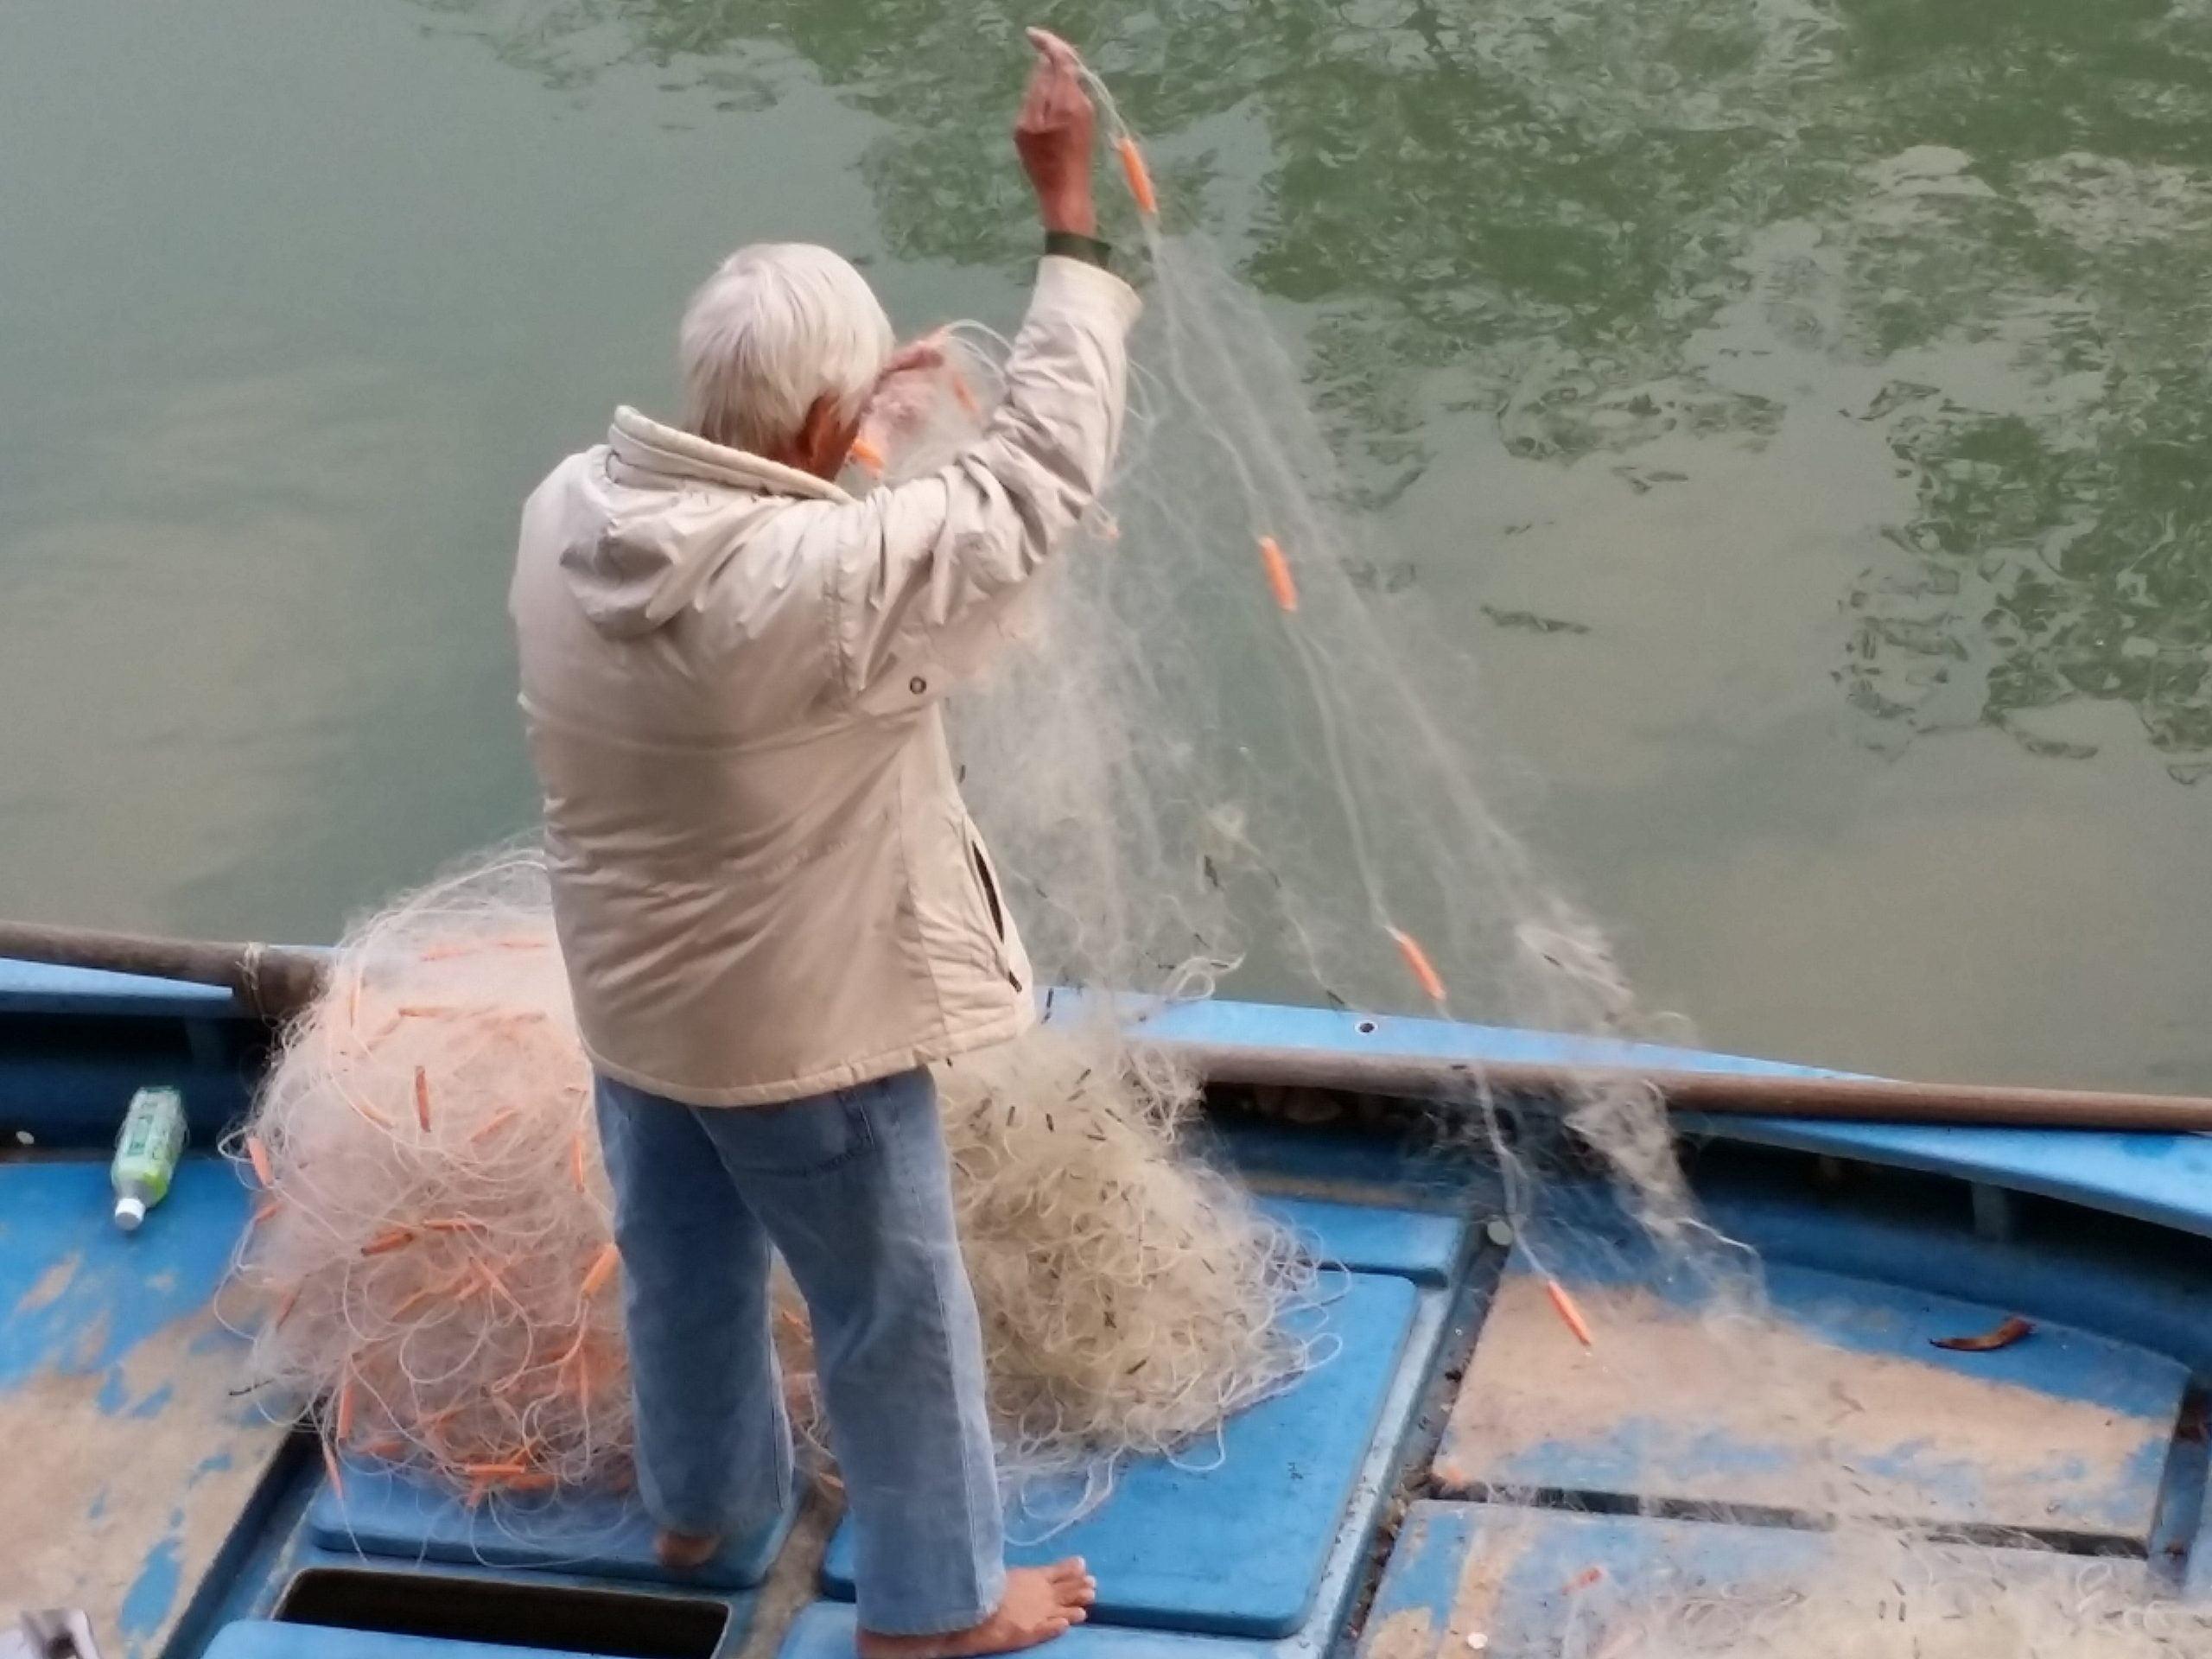 考伯非不能去钓鱼